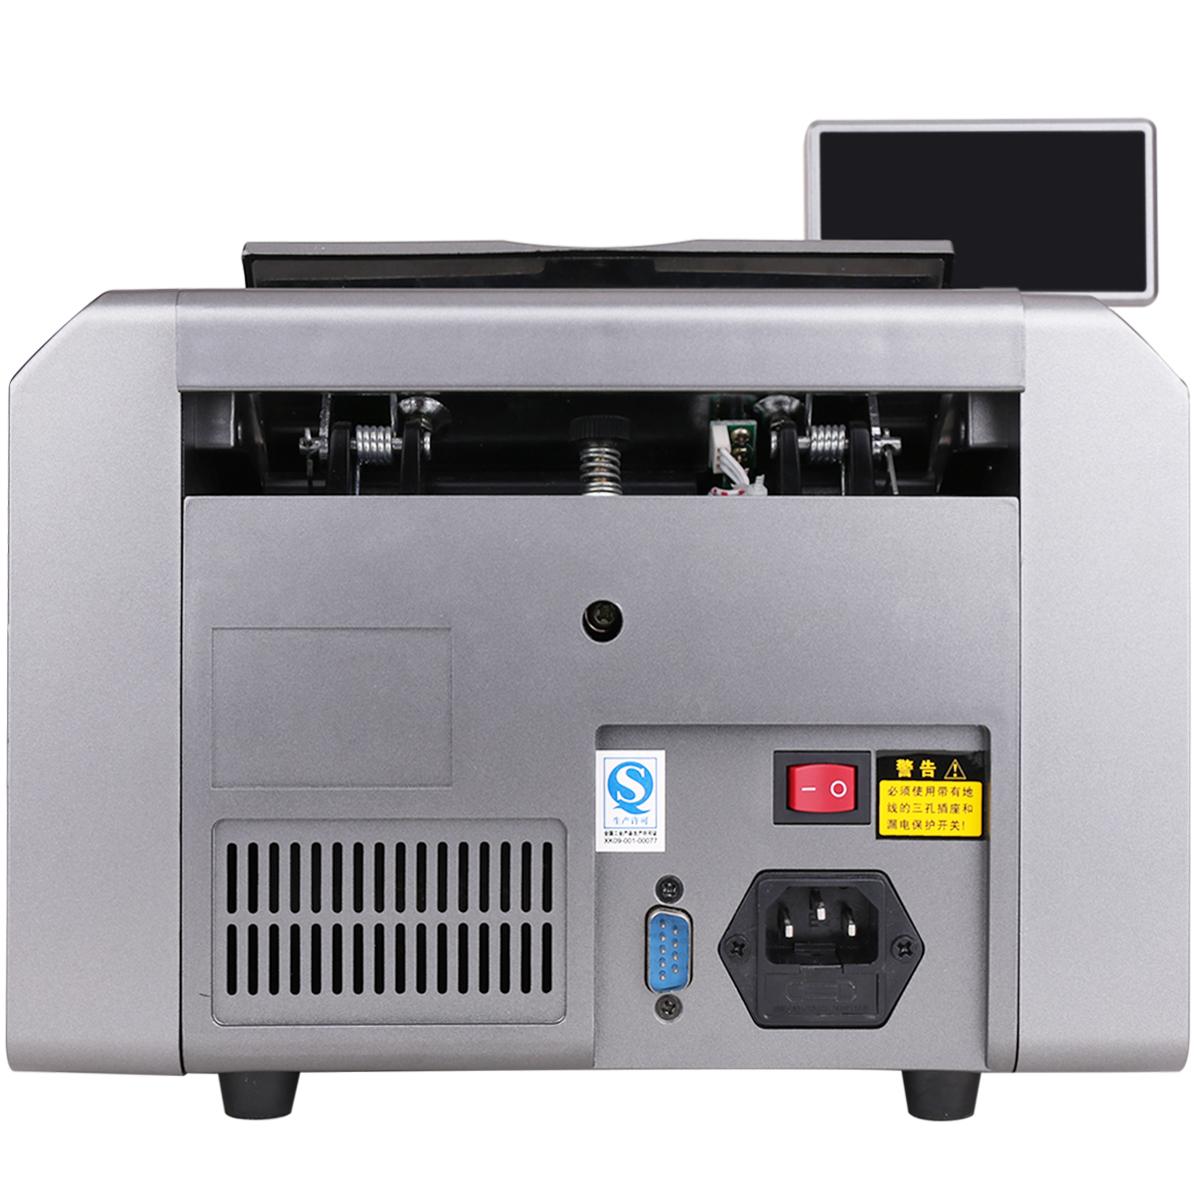 得力验钞机得力正品点钞机B类3910A新版50元人民币验钞机